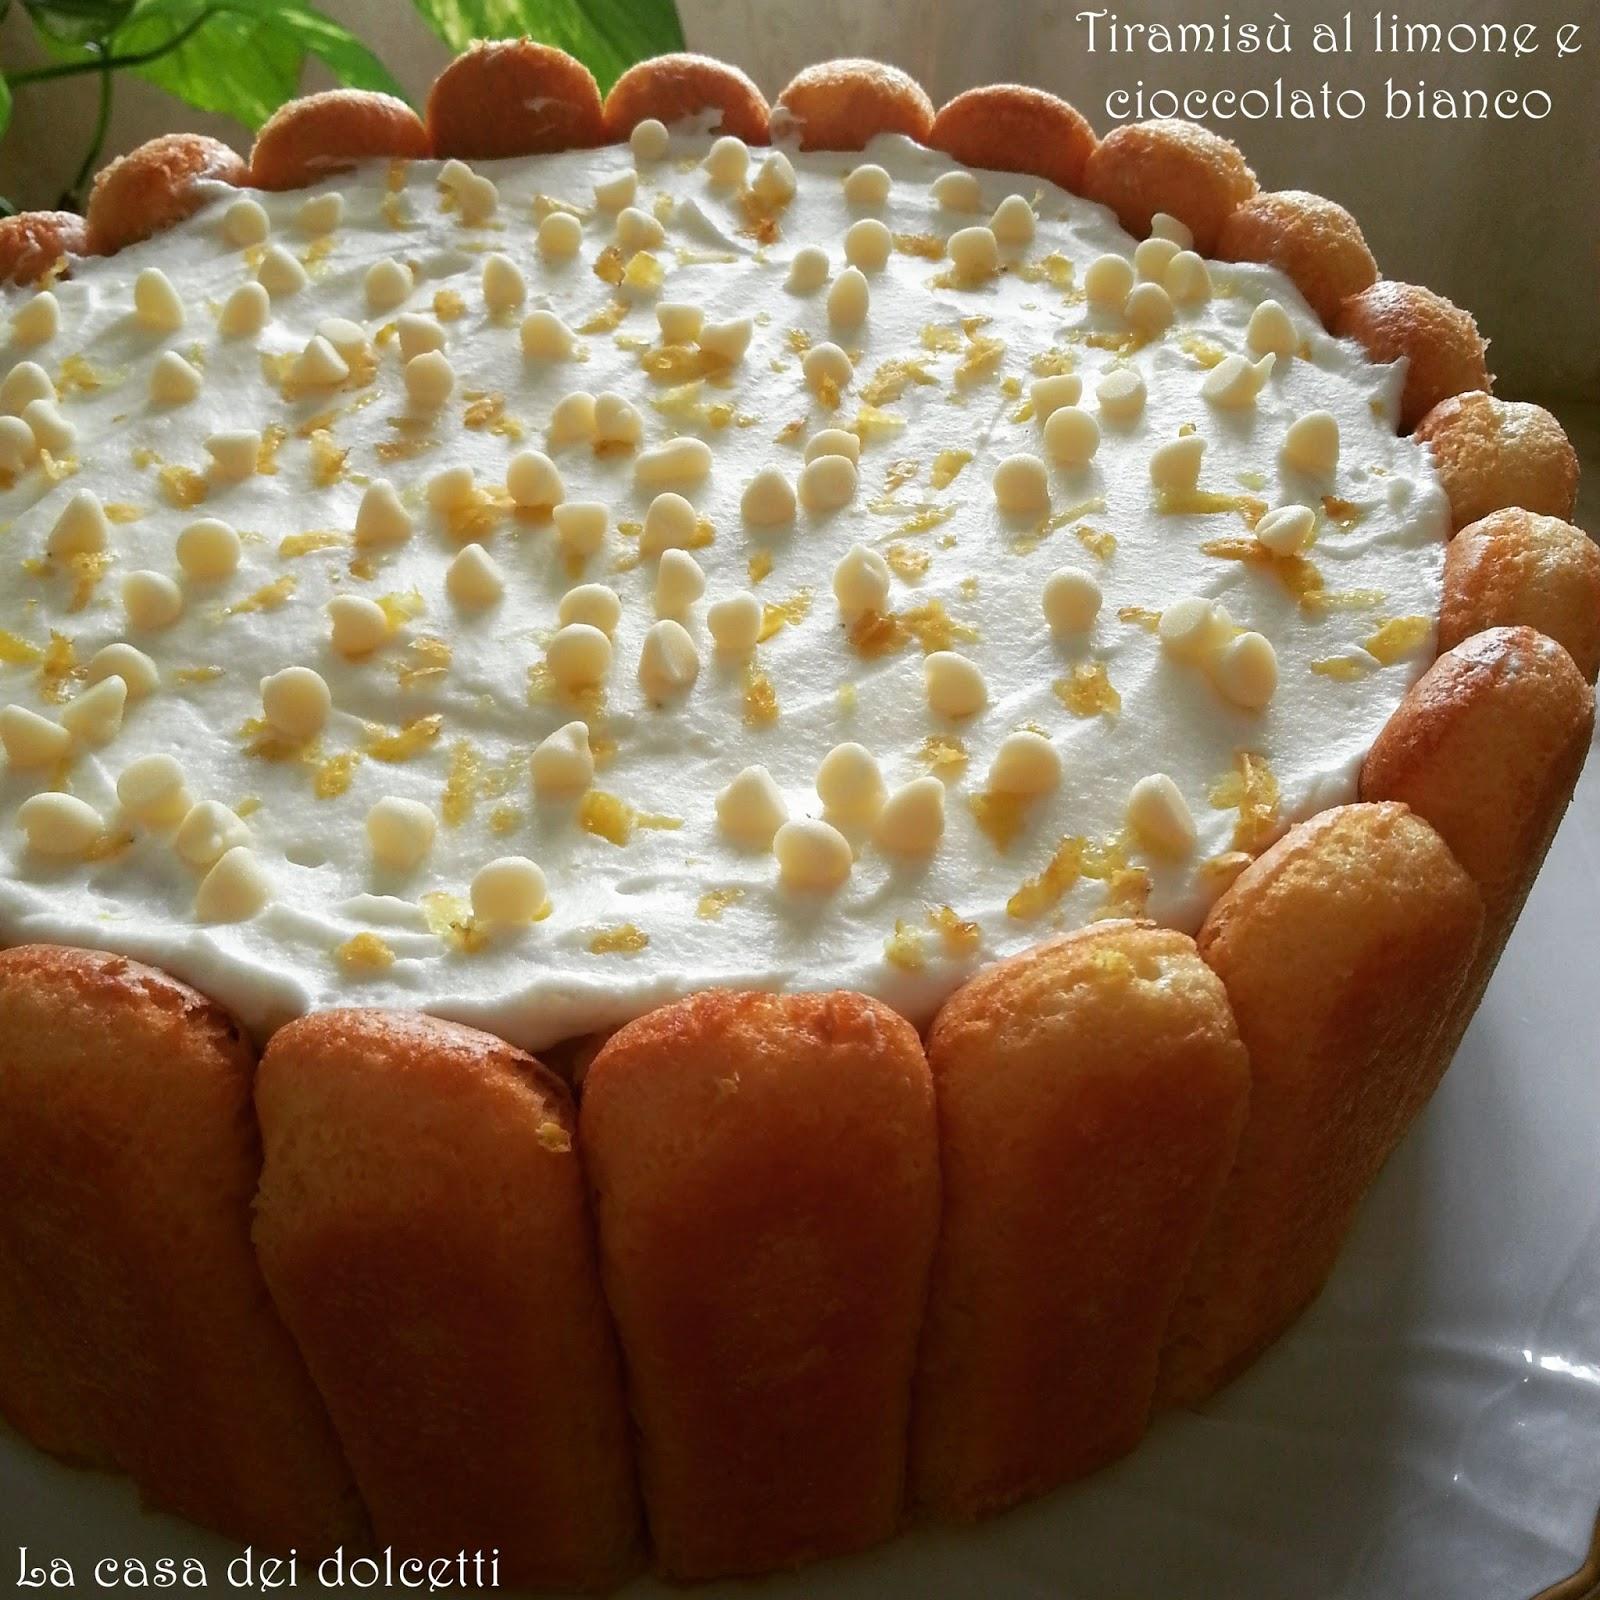 Super La casa dei dolcetti: Tiramisù al limone e cioccolato bianco JV93